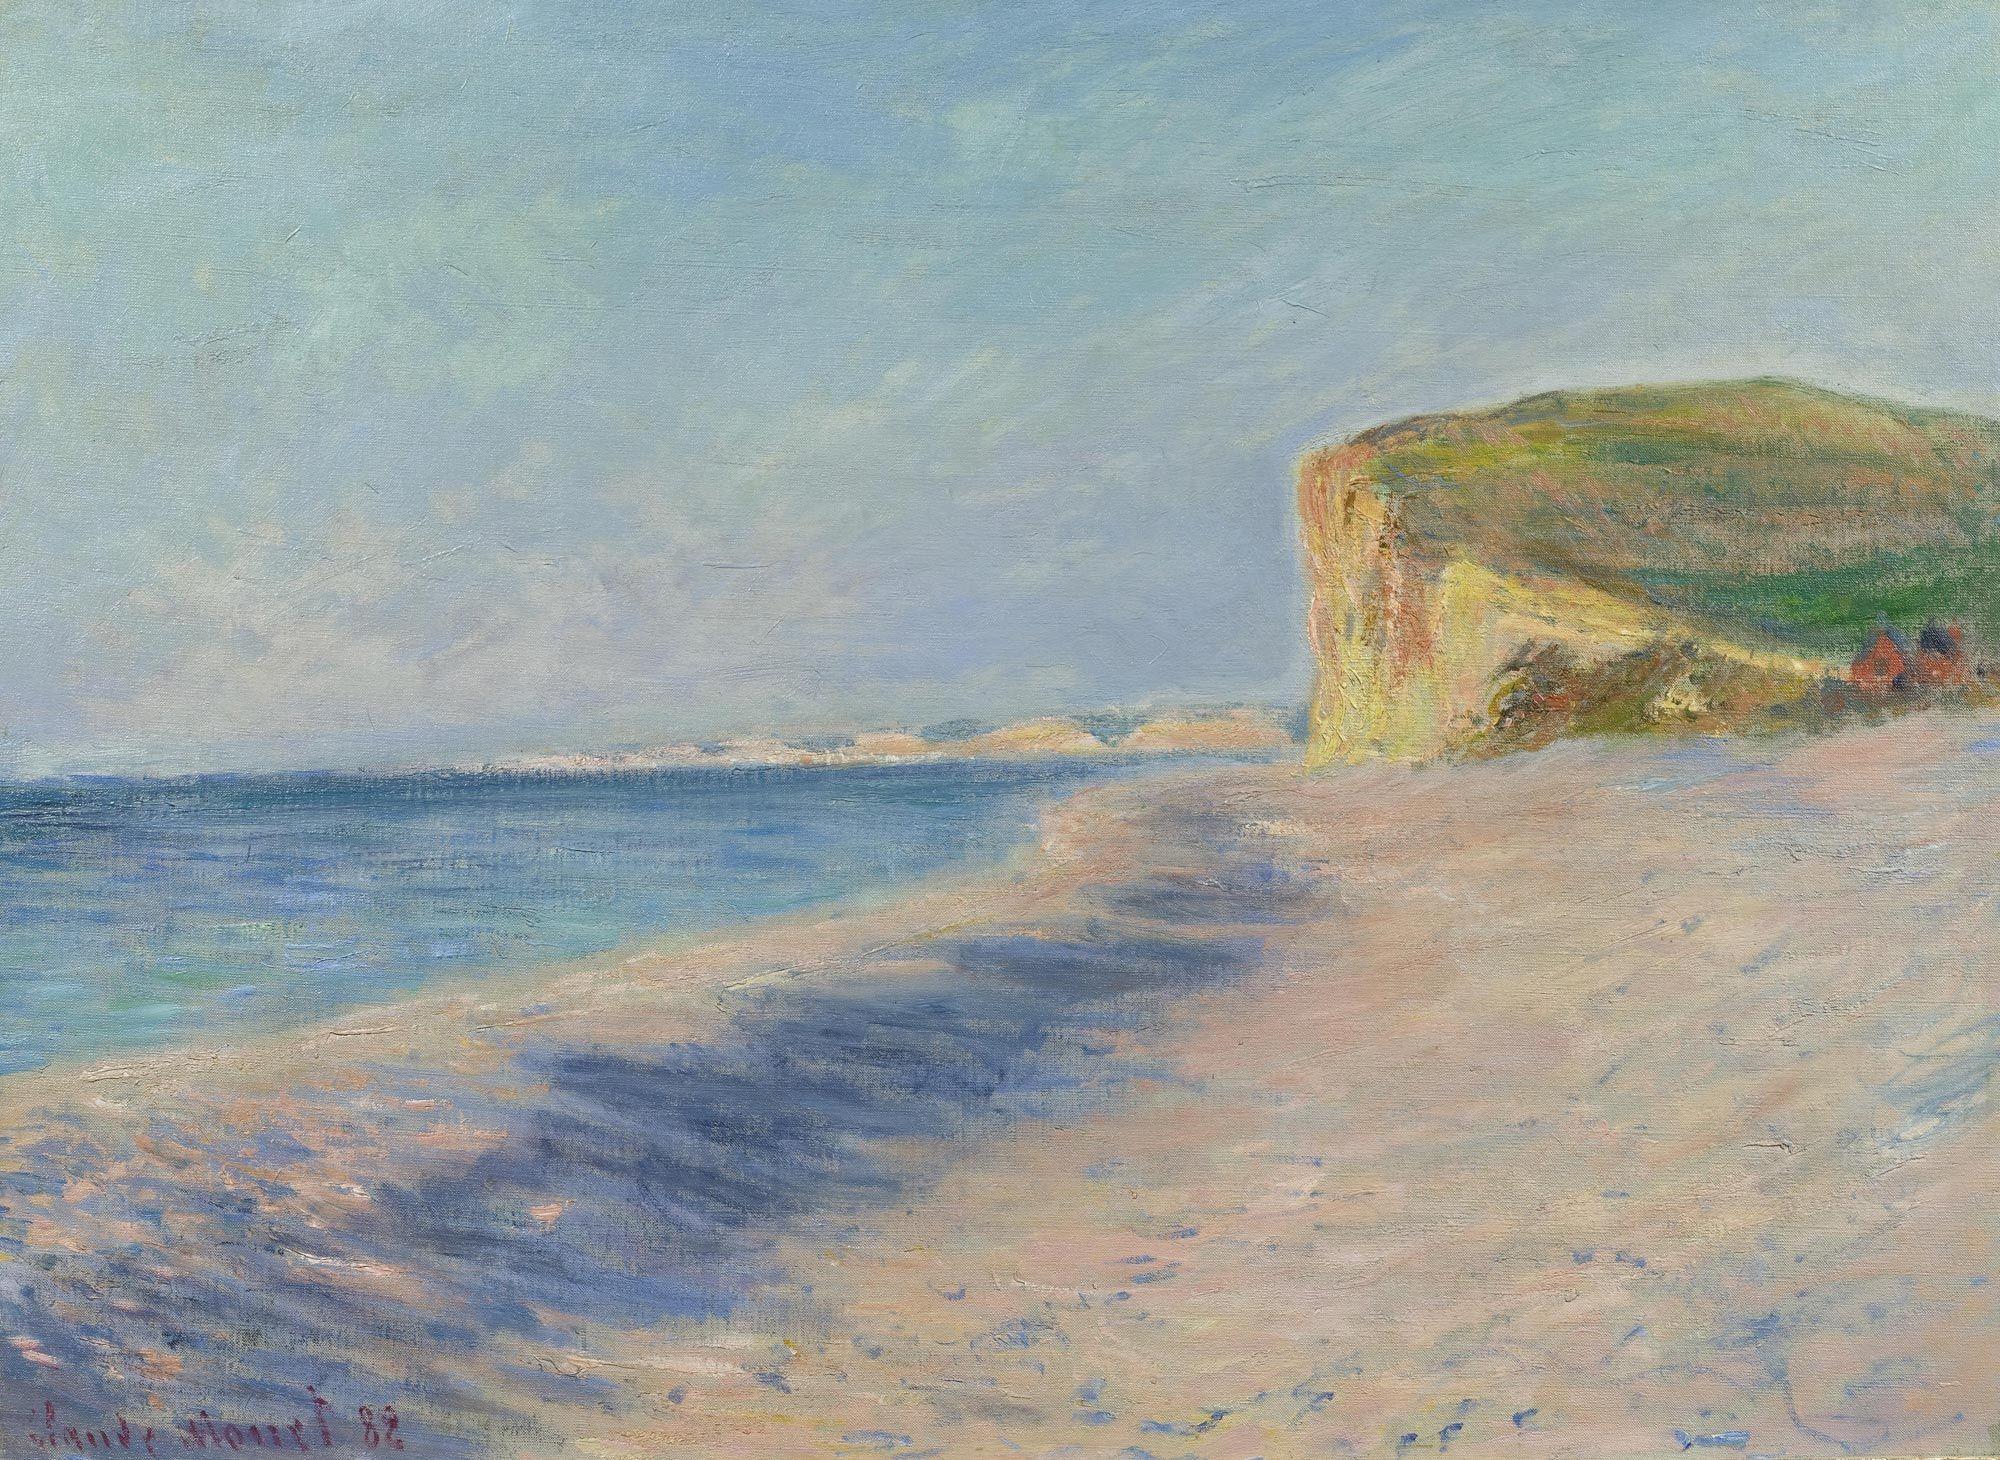 CLAUDE MONET Pourville près Dieppe. 1882. | Monet art, Claude monet art,  Monet oil paintings